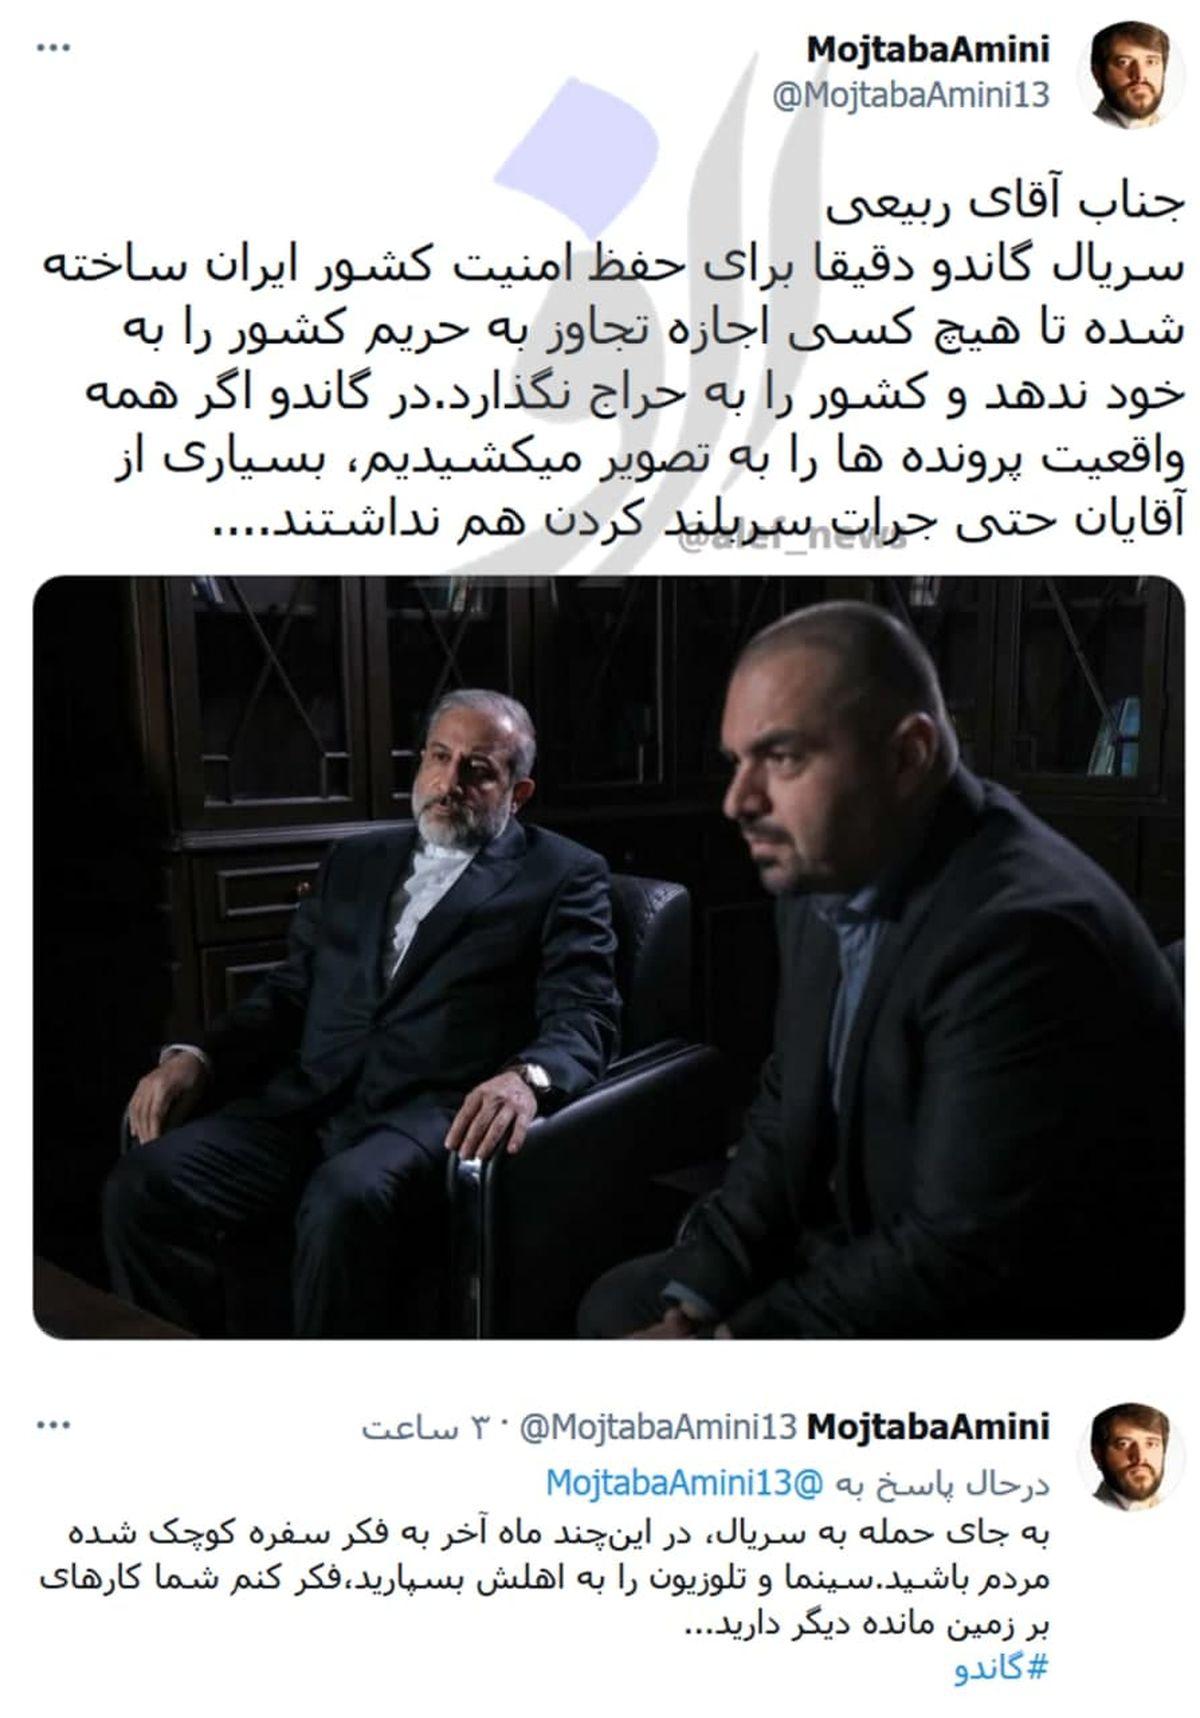 واکنش جنجالی تهیه کننده سریال گاندو به اظهارات ربیعی+عکس